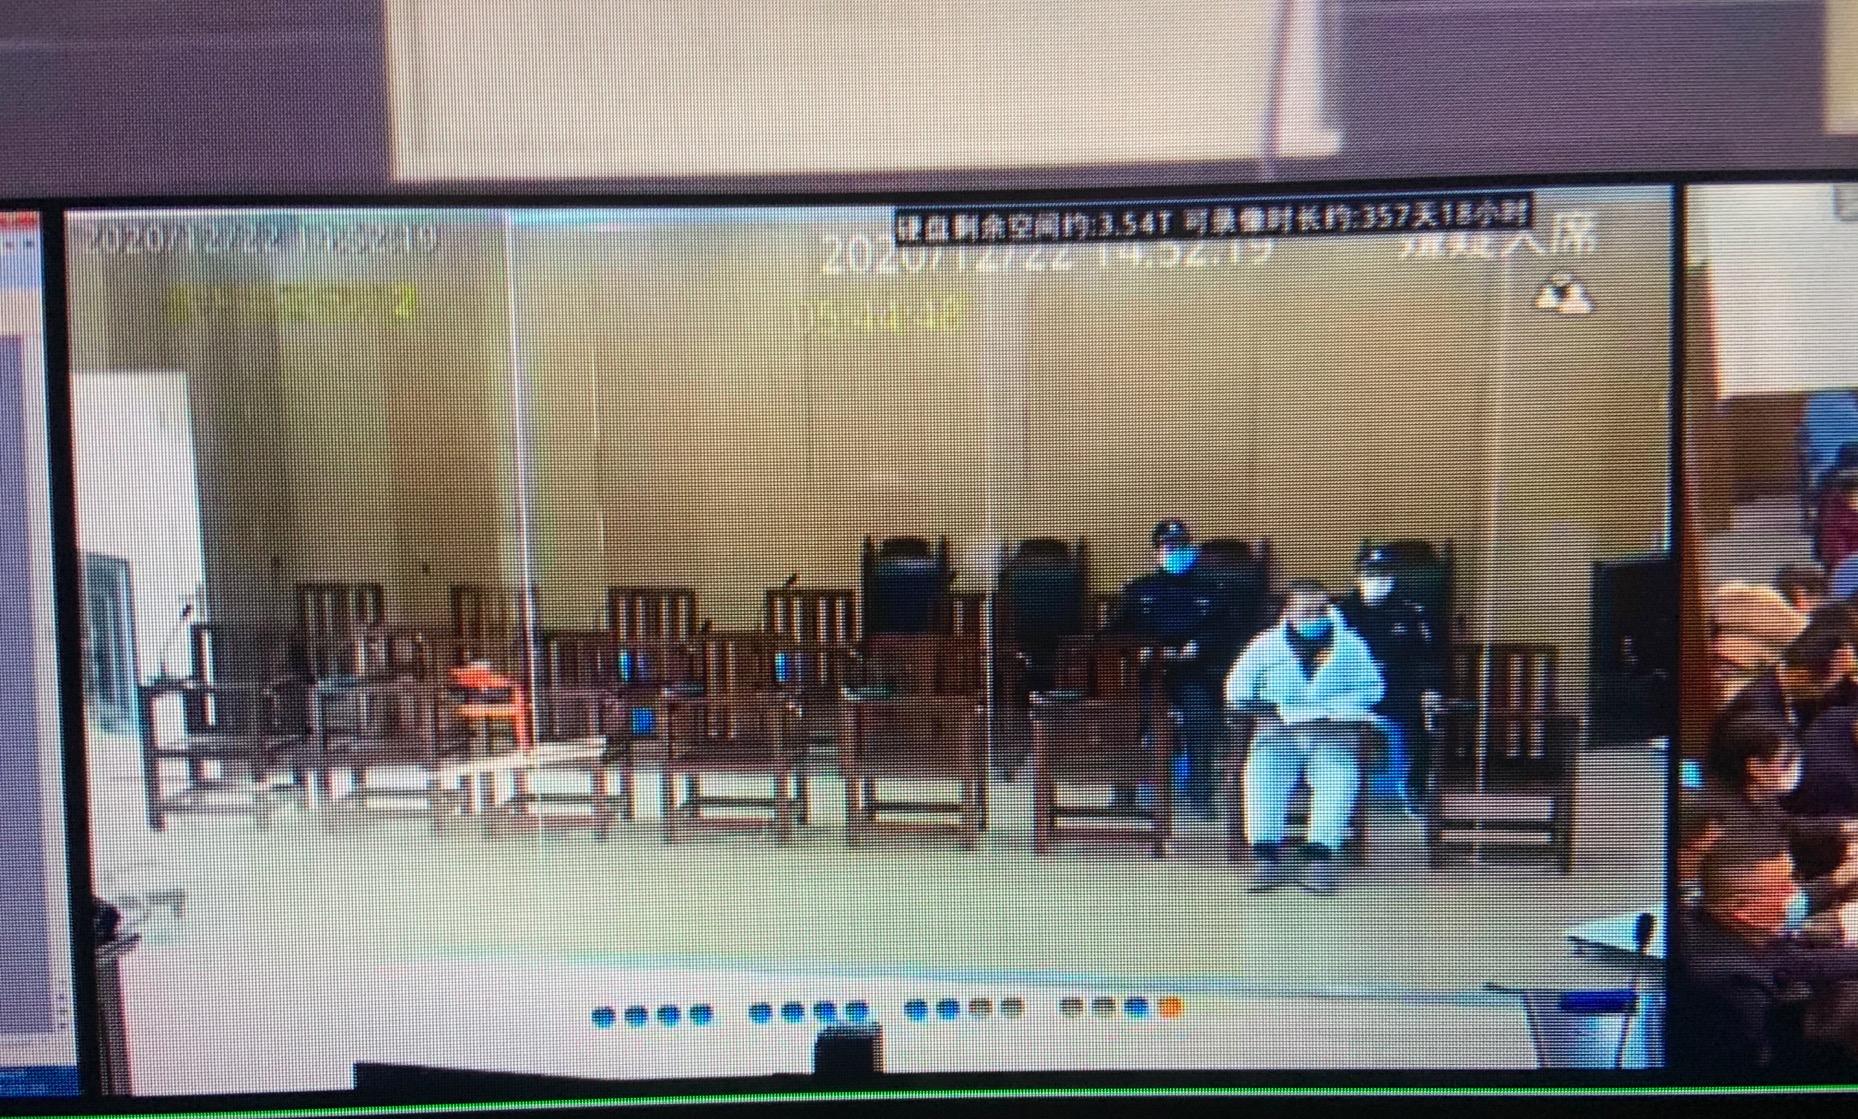 庭审中的吴承泽,第一财经记者摄于2020年12月